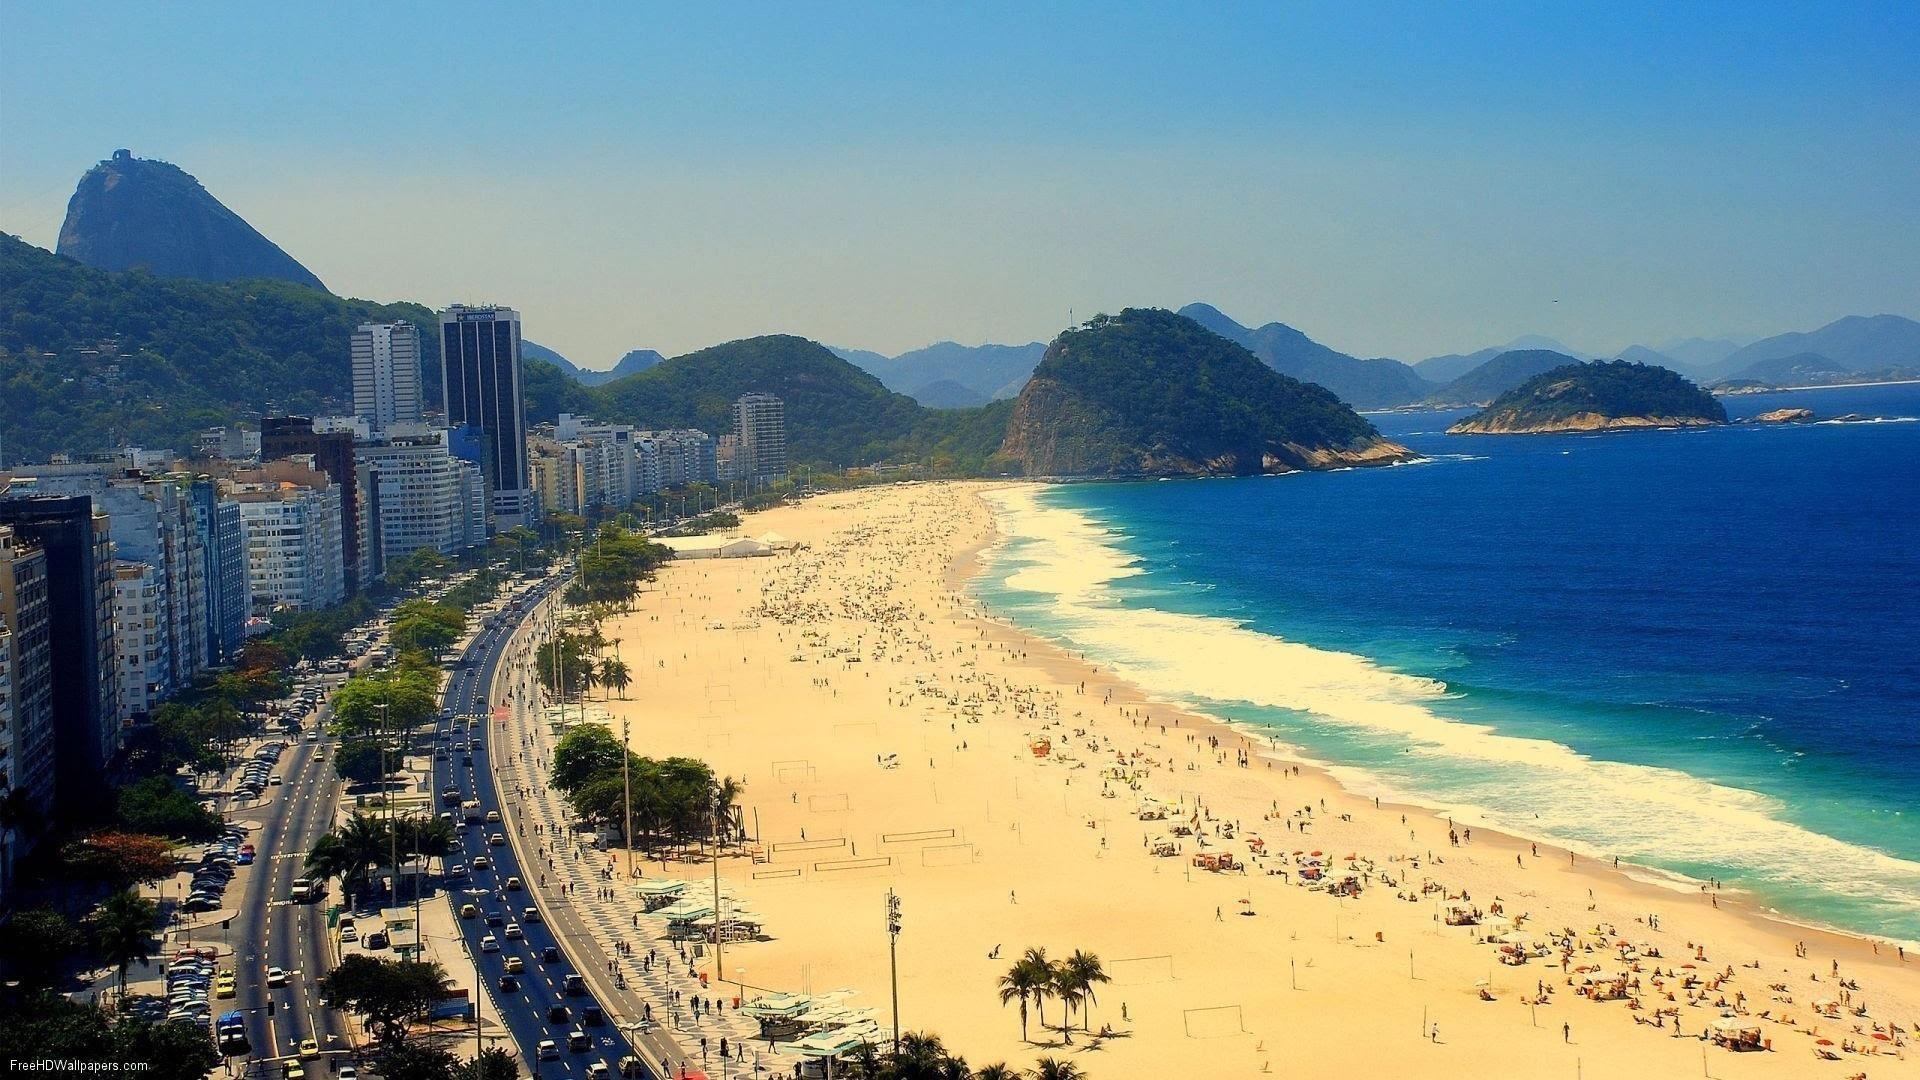 La agencia de viajes Almundo.com incorporó realidad virtual para conocer mejor los destinos favoritos